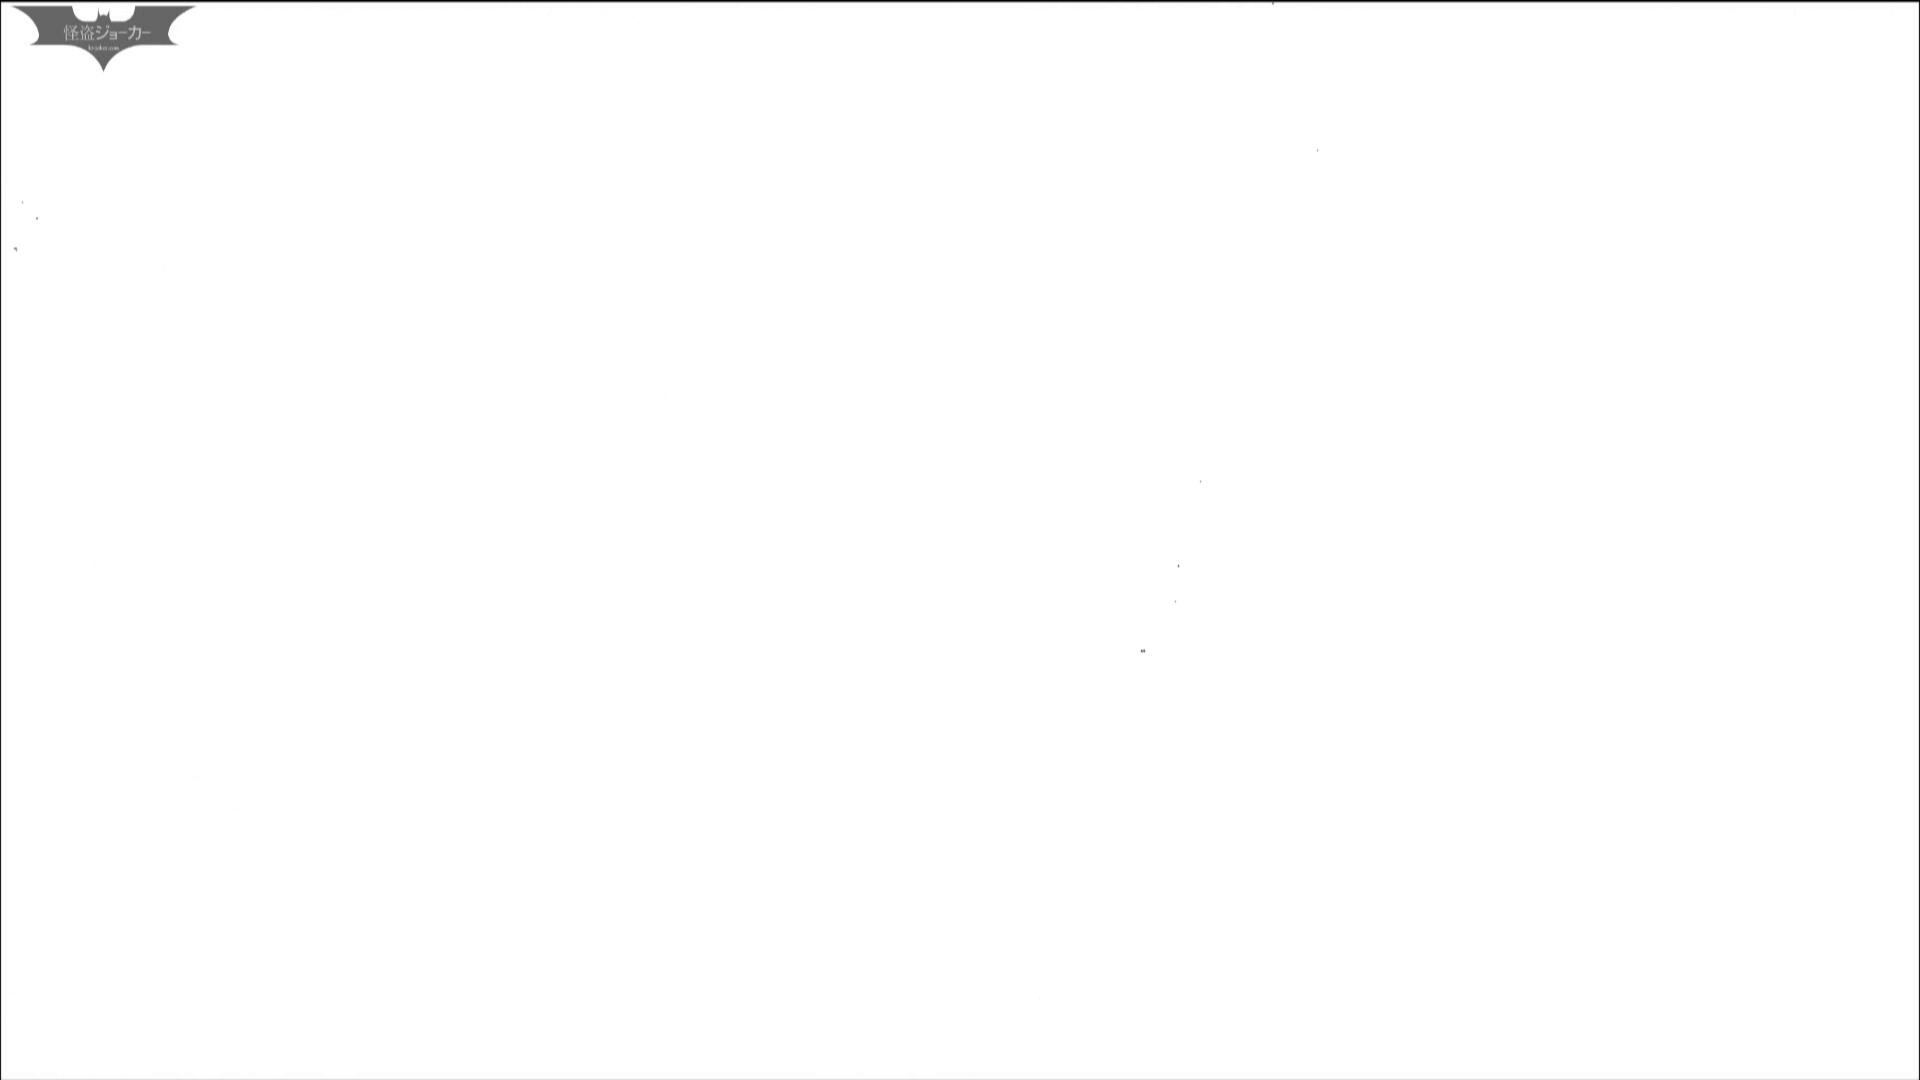 洗面所特攻隊 vol.72 番外編 「最後の女性」の特集 番外編 洗面所 セックス画像 74枚